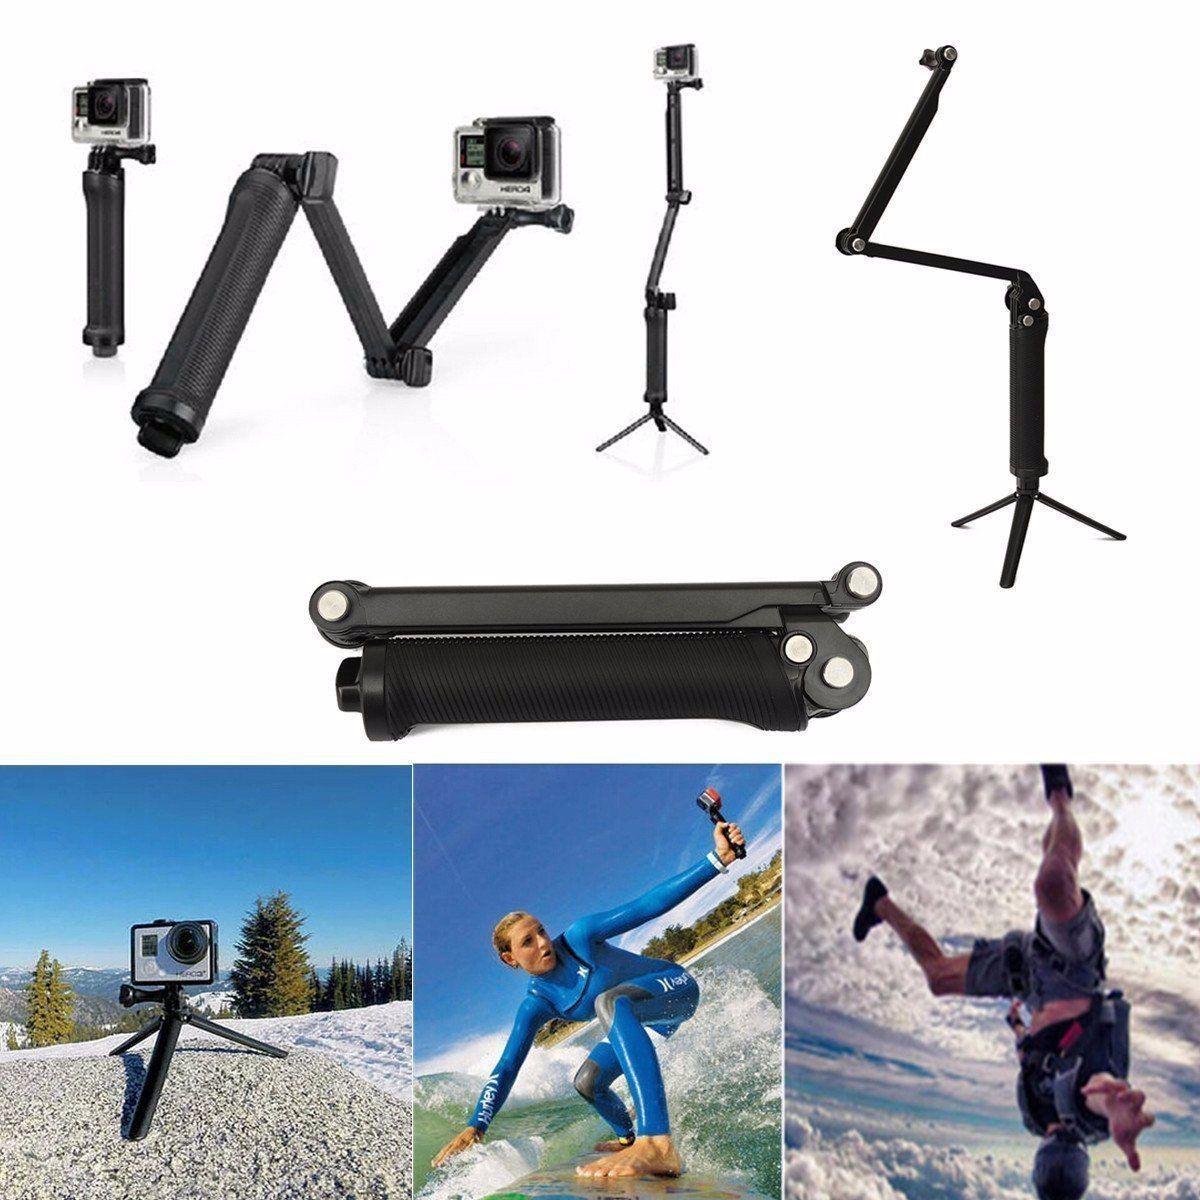 Bastão 3 Formas 3Way Telesin Prova D'água para câmeras de ação